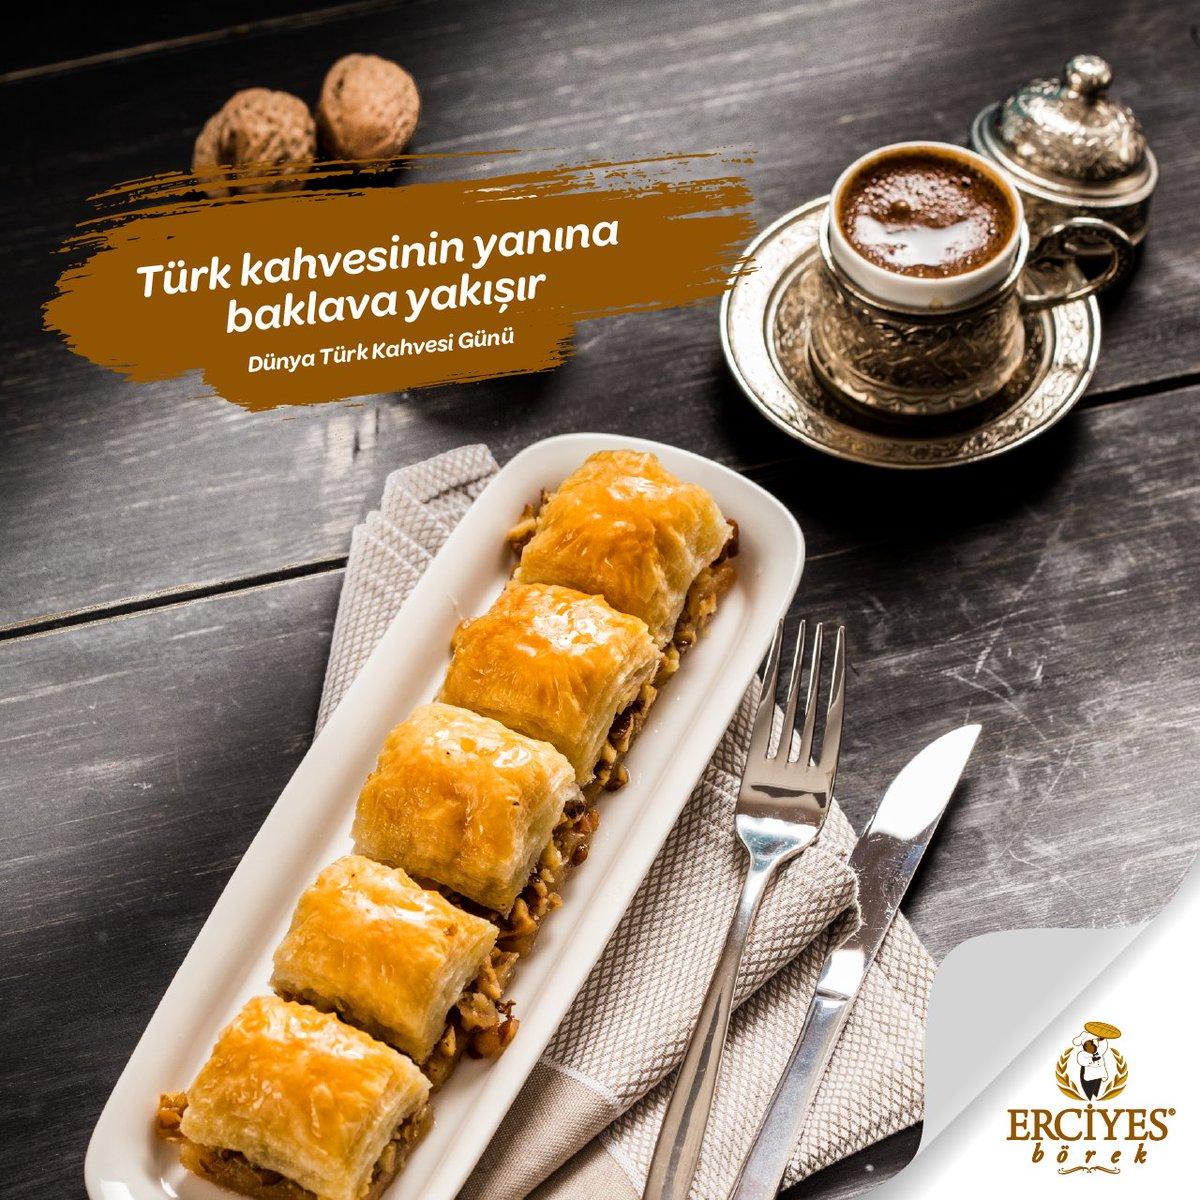 Dünya Türk Kahvesi Günü Kutlu Olsun.  #5AralıkDünyaTürkKahvesiGünü #erciyesborek https://t.co/SVIeRauGXT